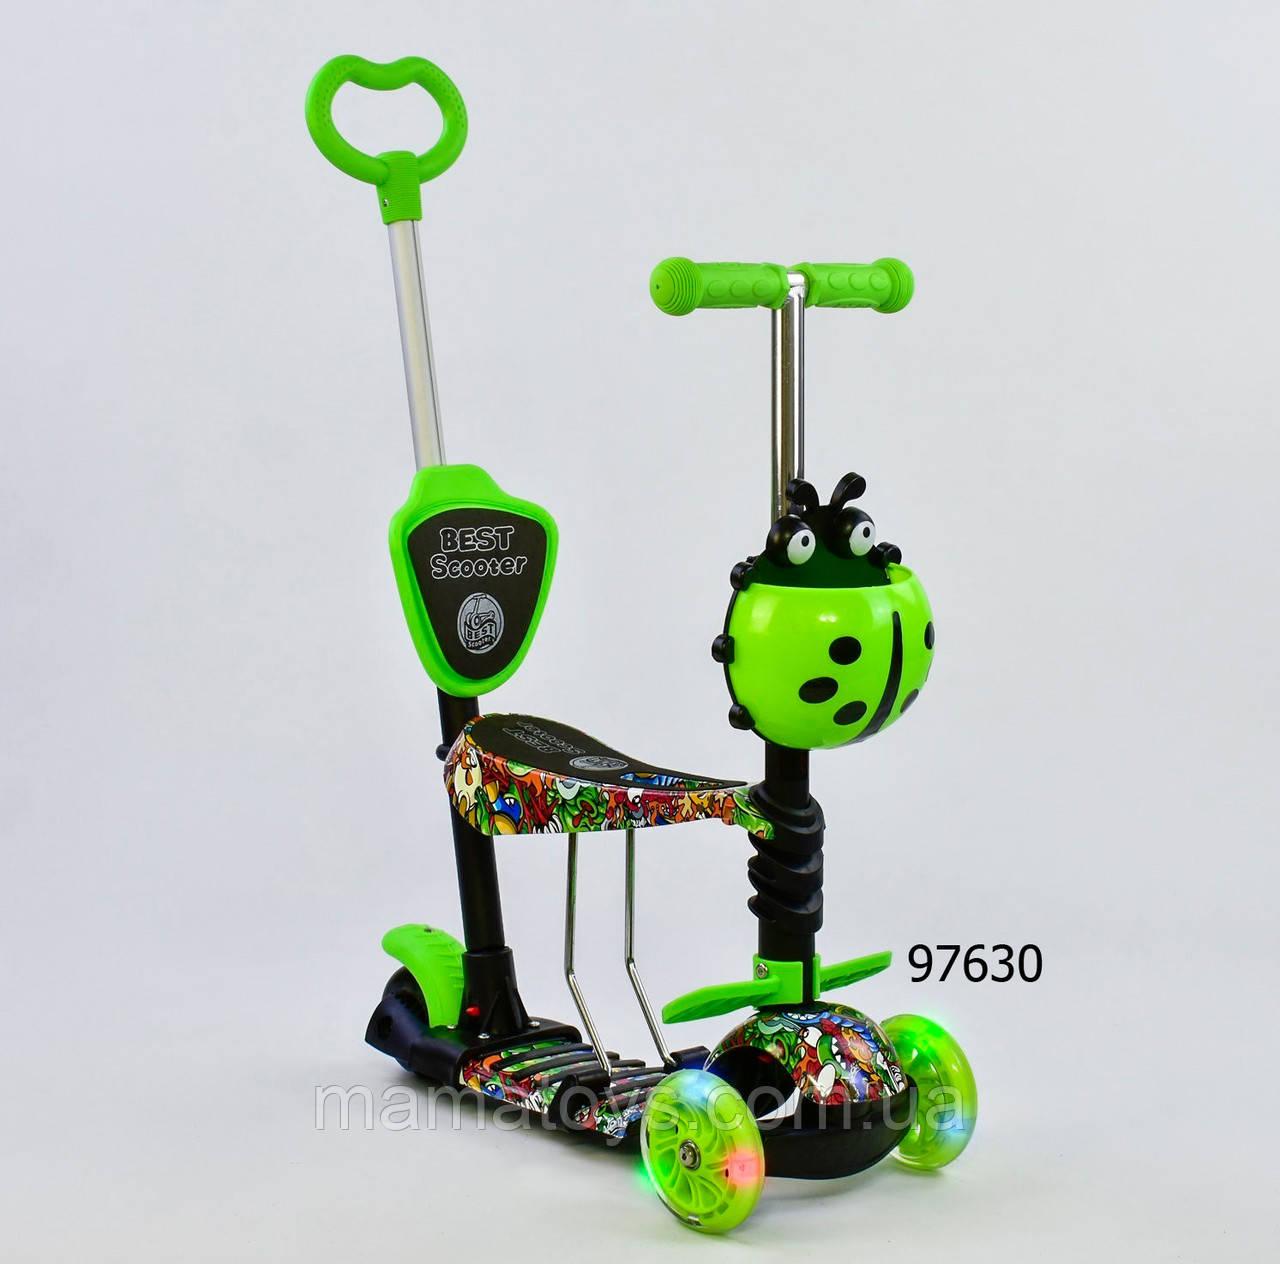 Детский Самокат 97630 беговел Best Scooter Салатовый 5 в 1 Родительская ручка, Свет колес